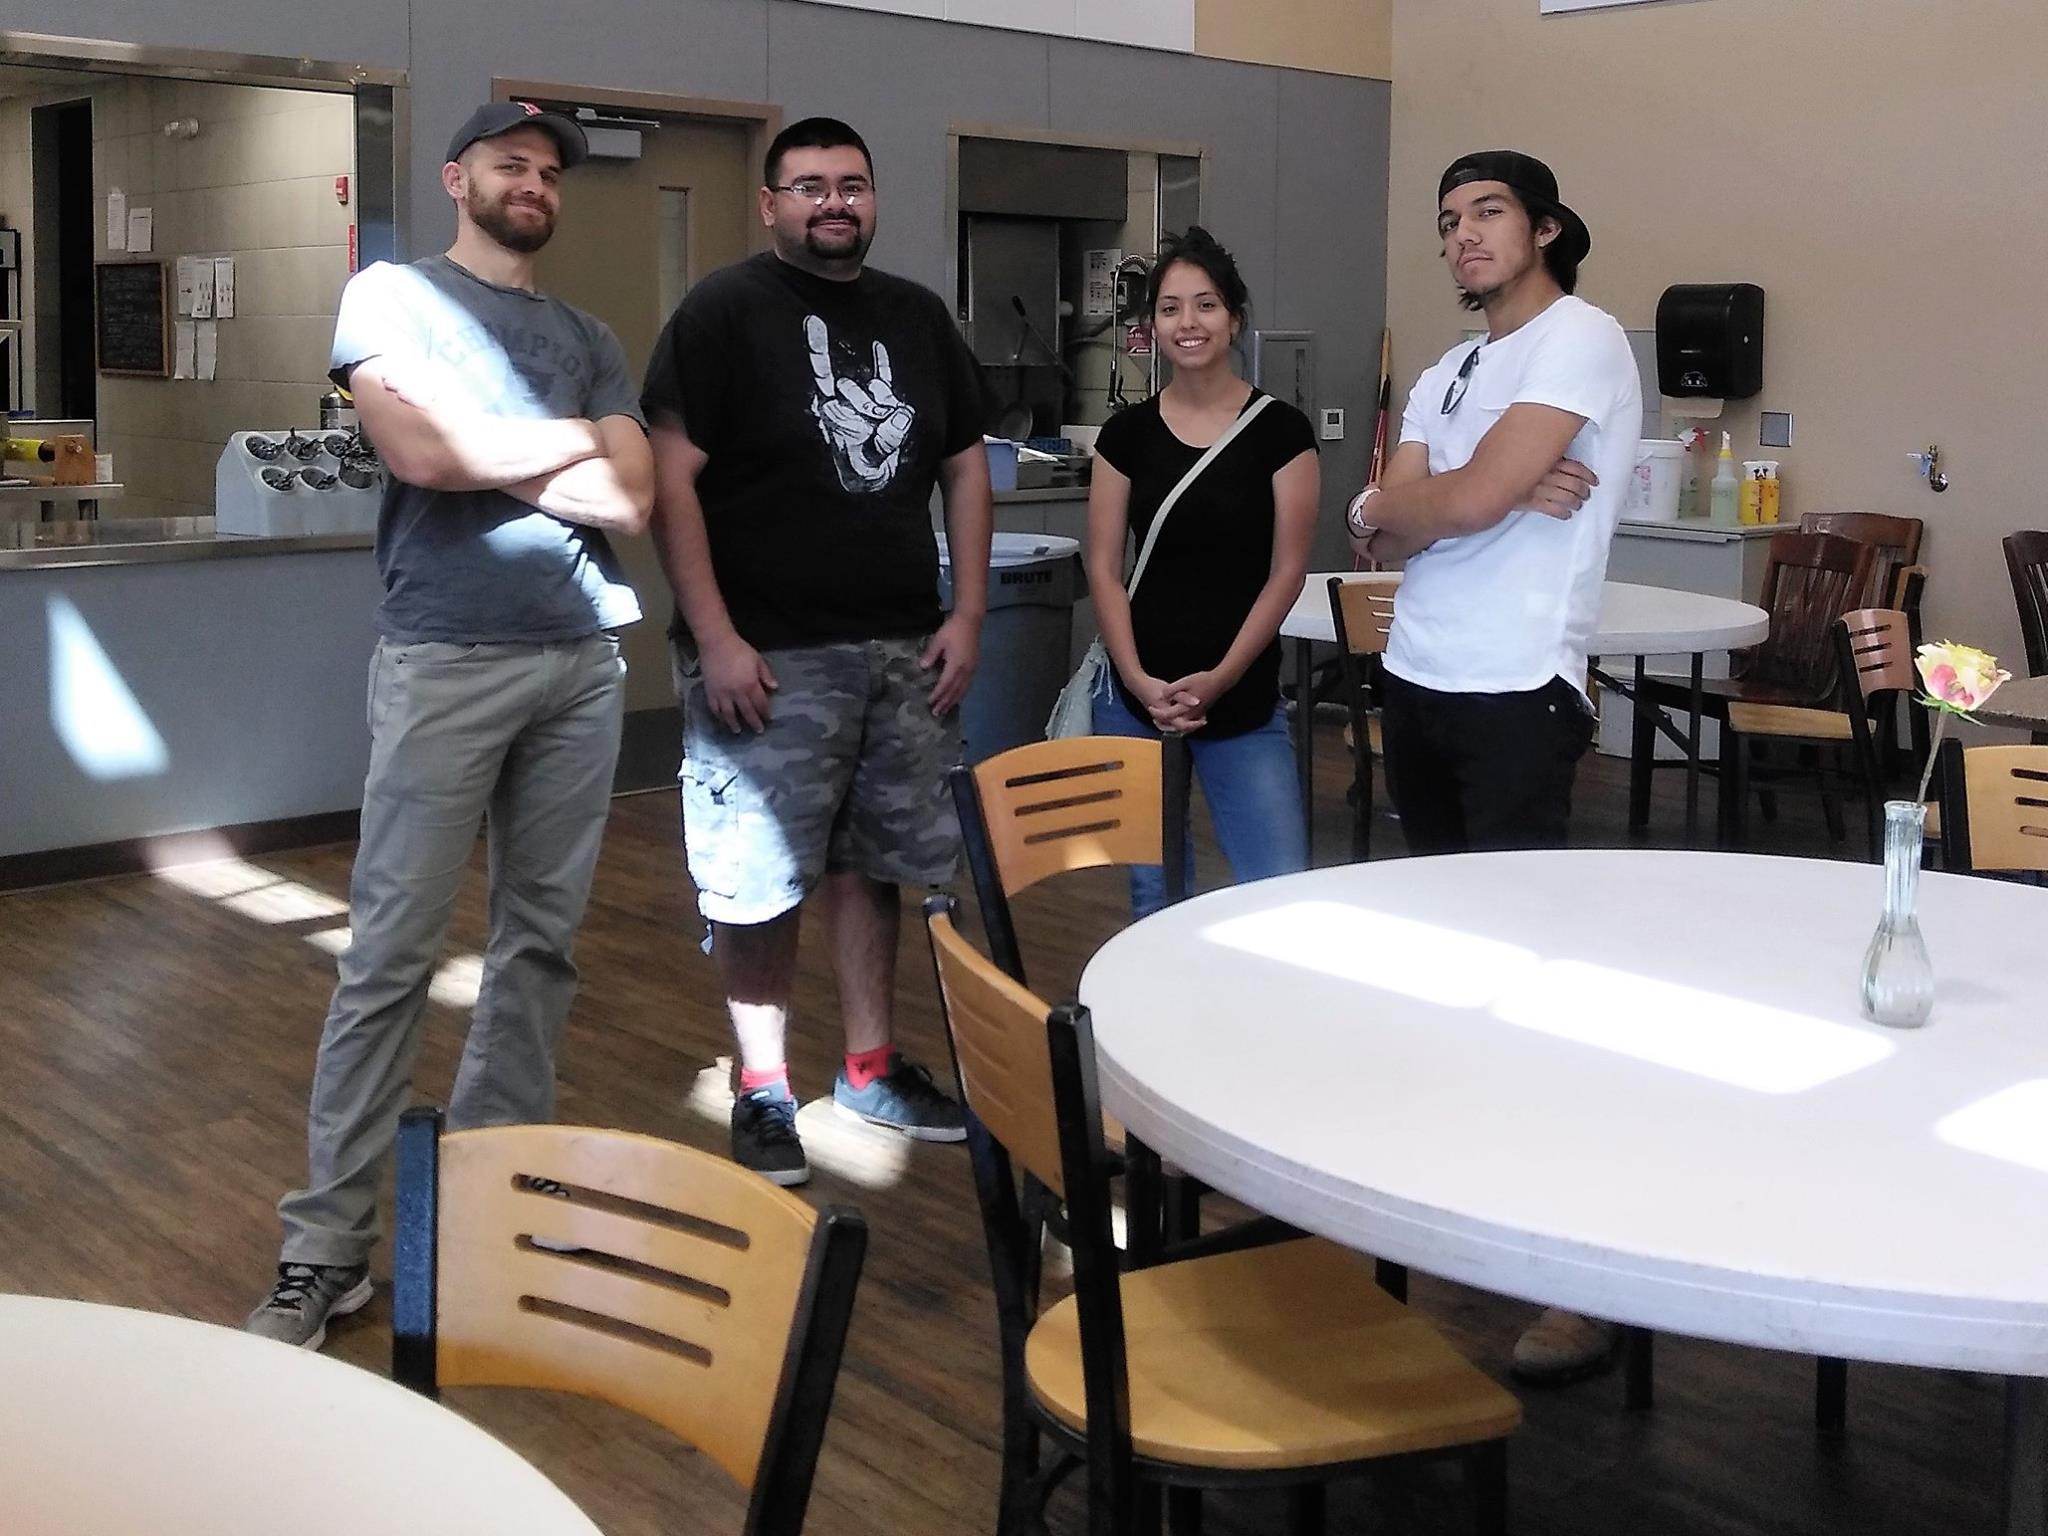 Jeff, Jose y dos amigos en EPCC.